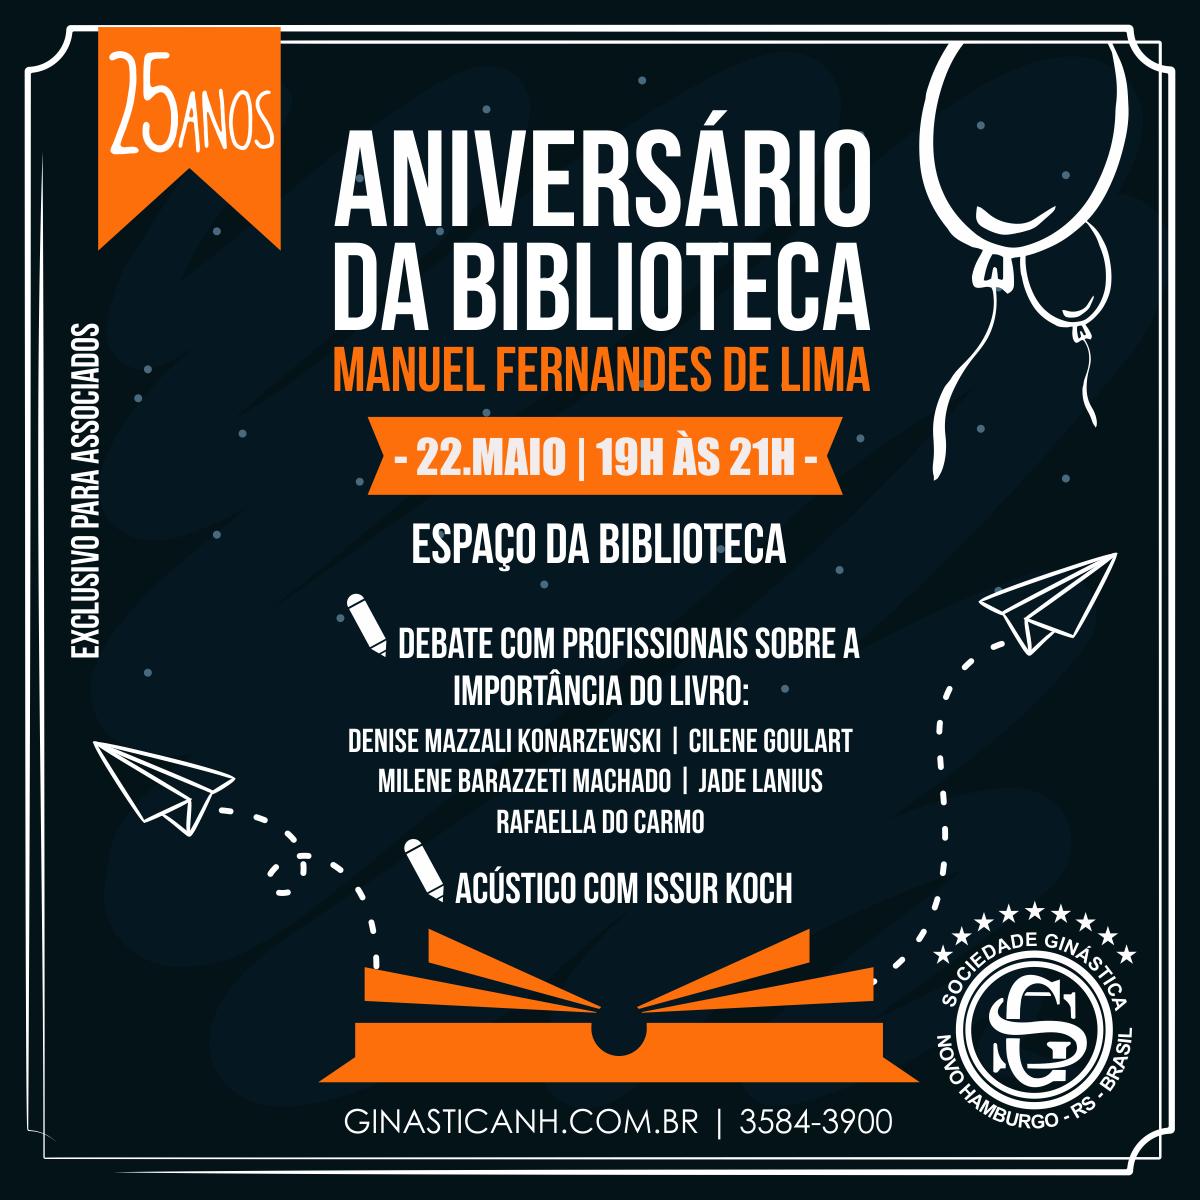 Biblioteca da Ginástica comemora 25 anos